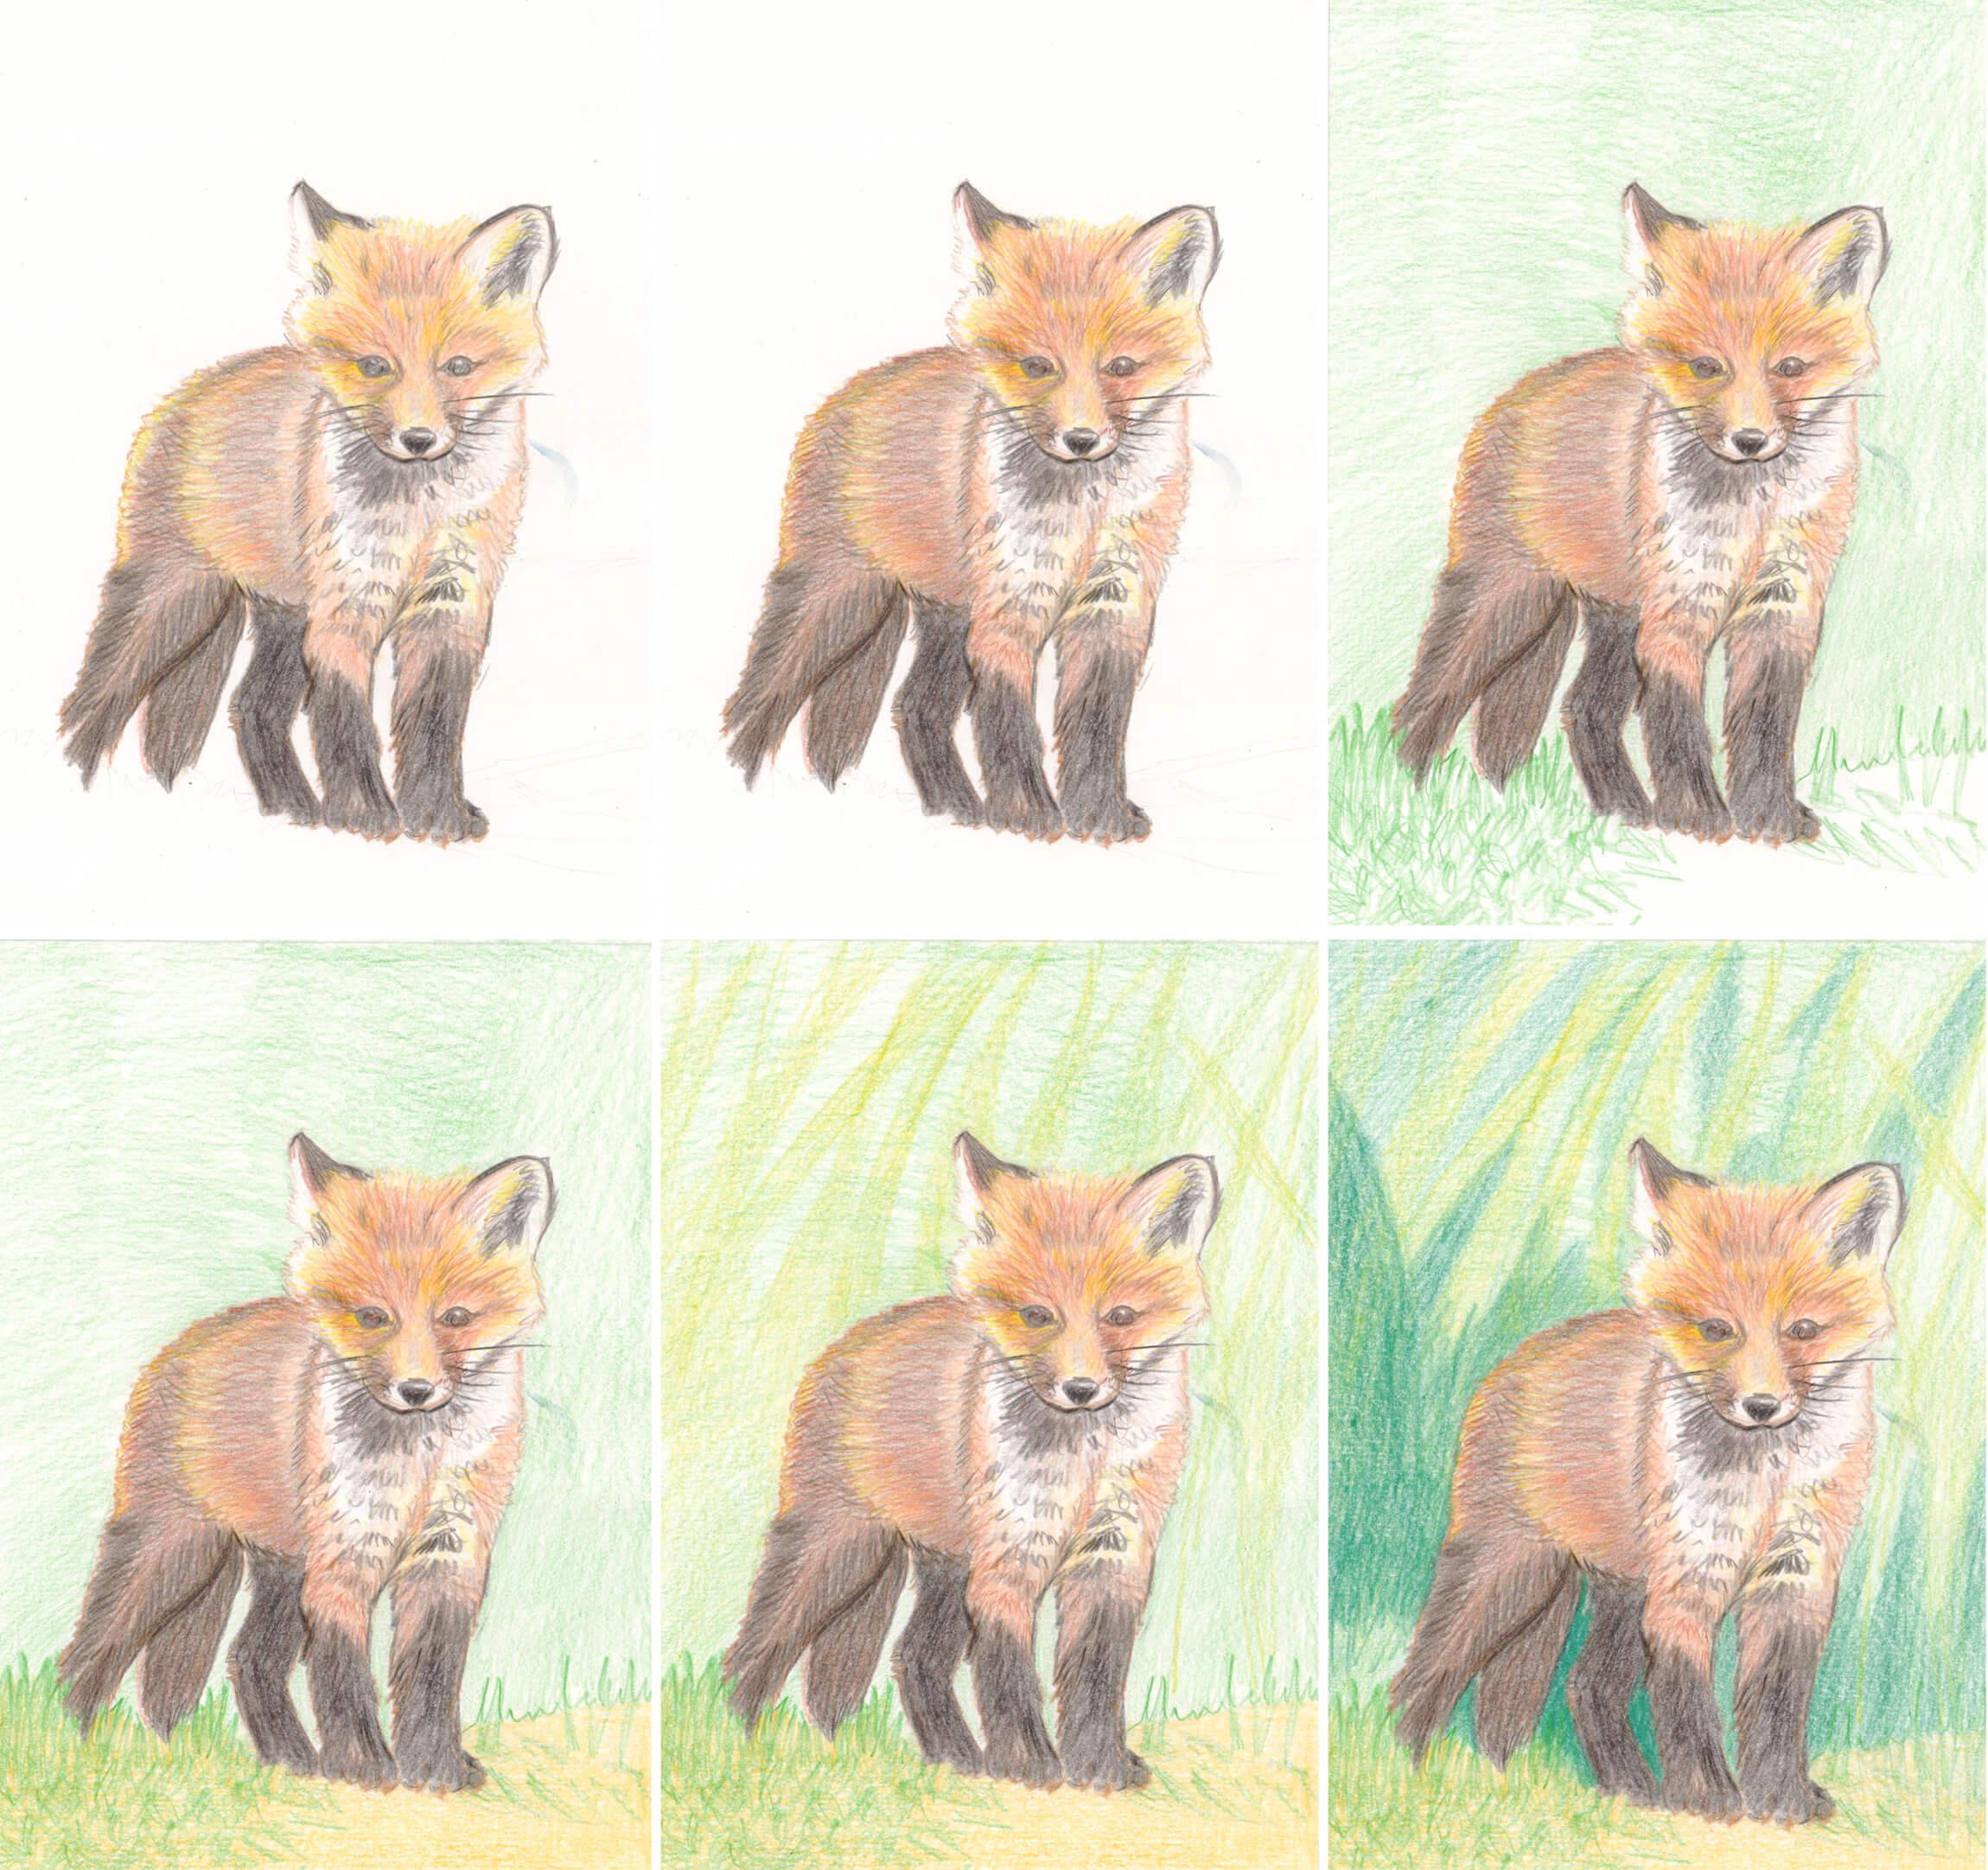 Teil 2: Fuchswelpe zeichnen mit Buntstiften